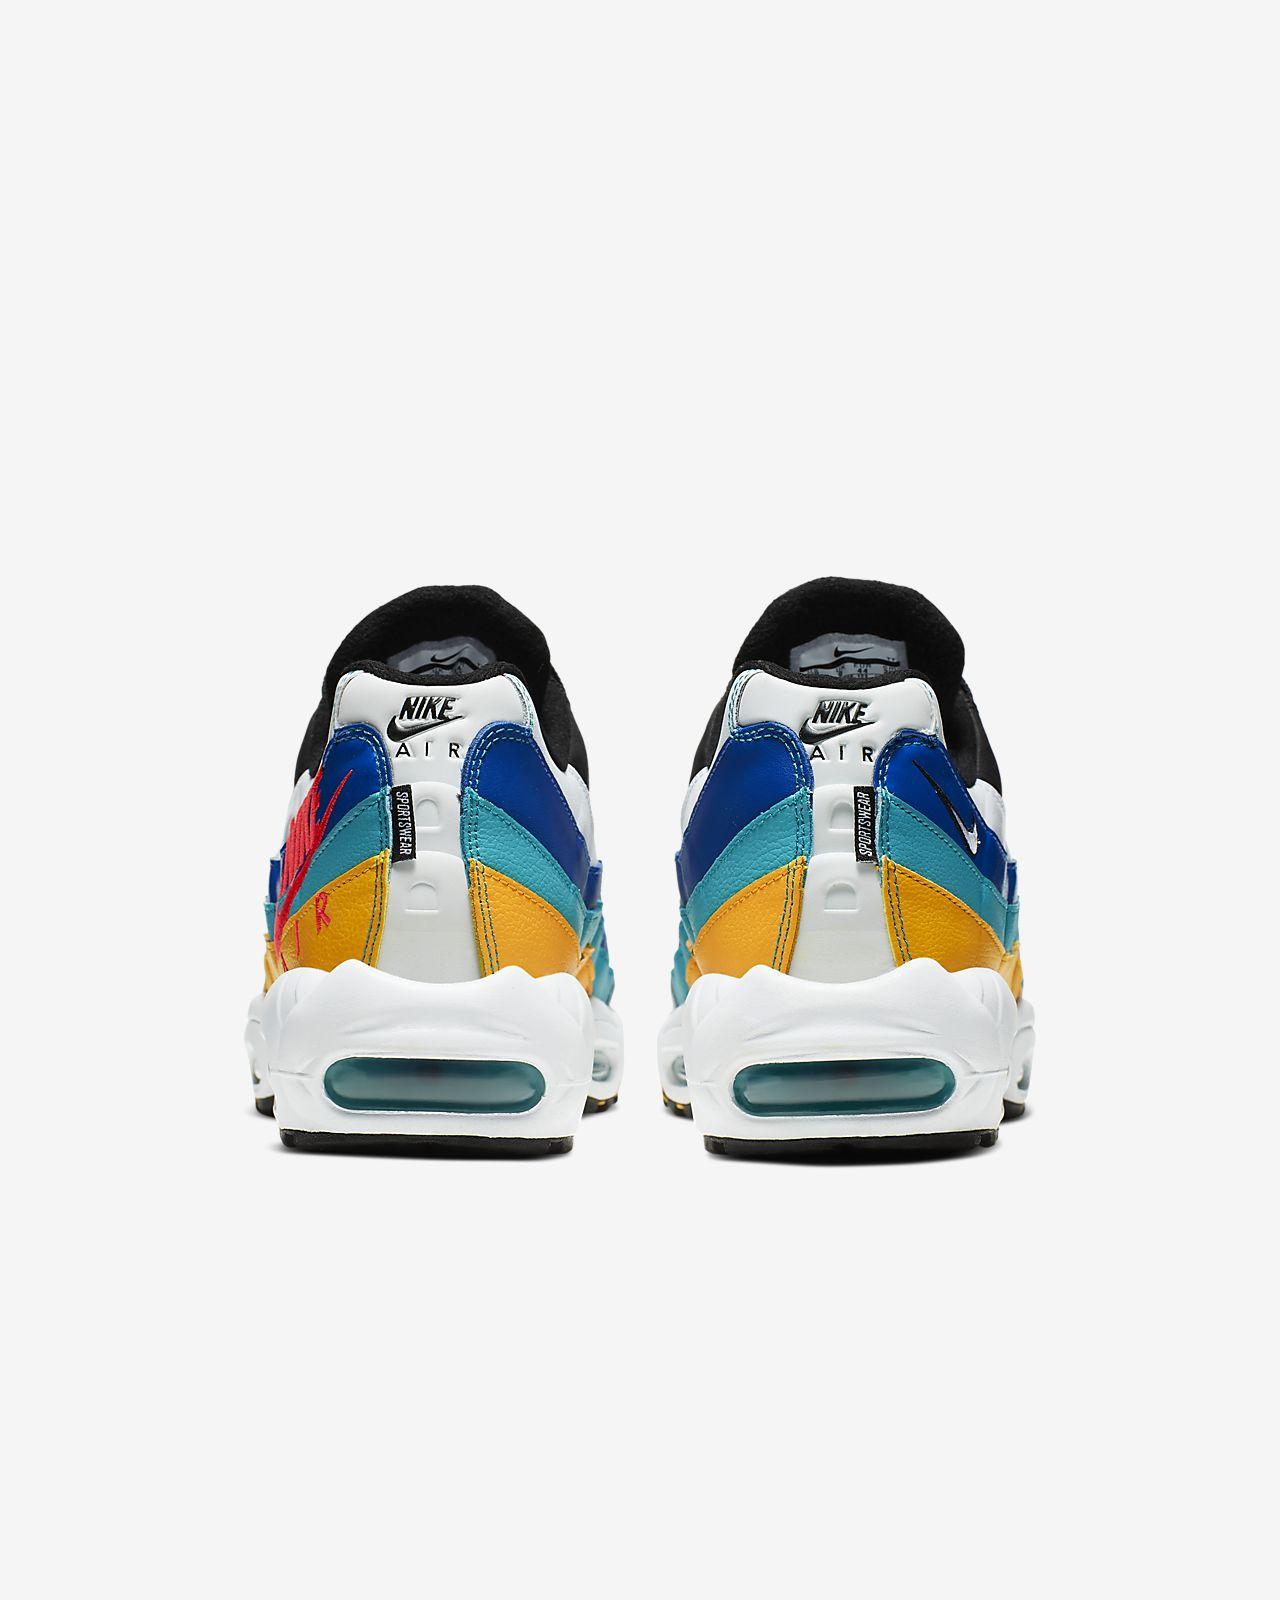 separation shoes b6019 c4242 Nike Air Max 95 SE Men's Shoe